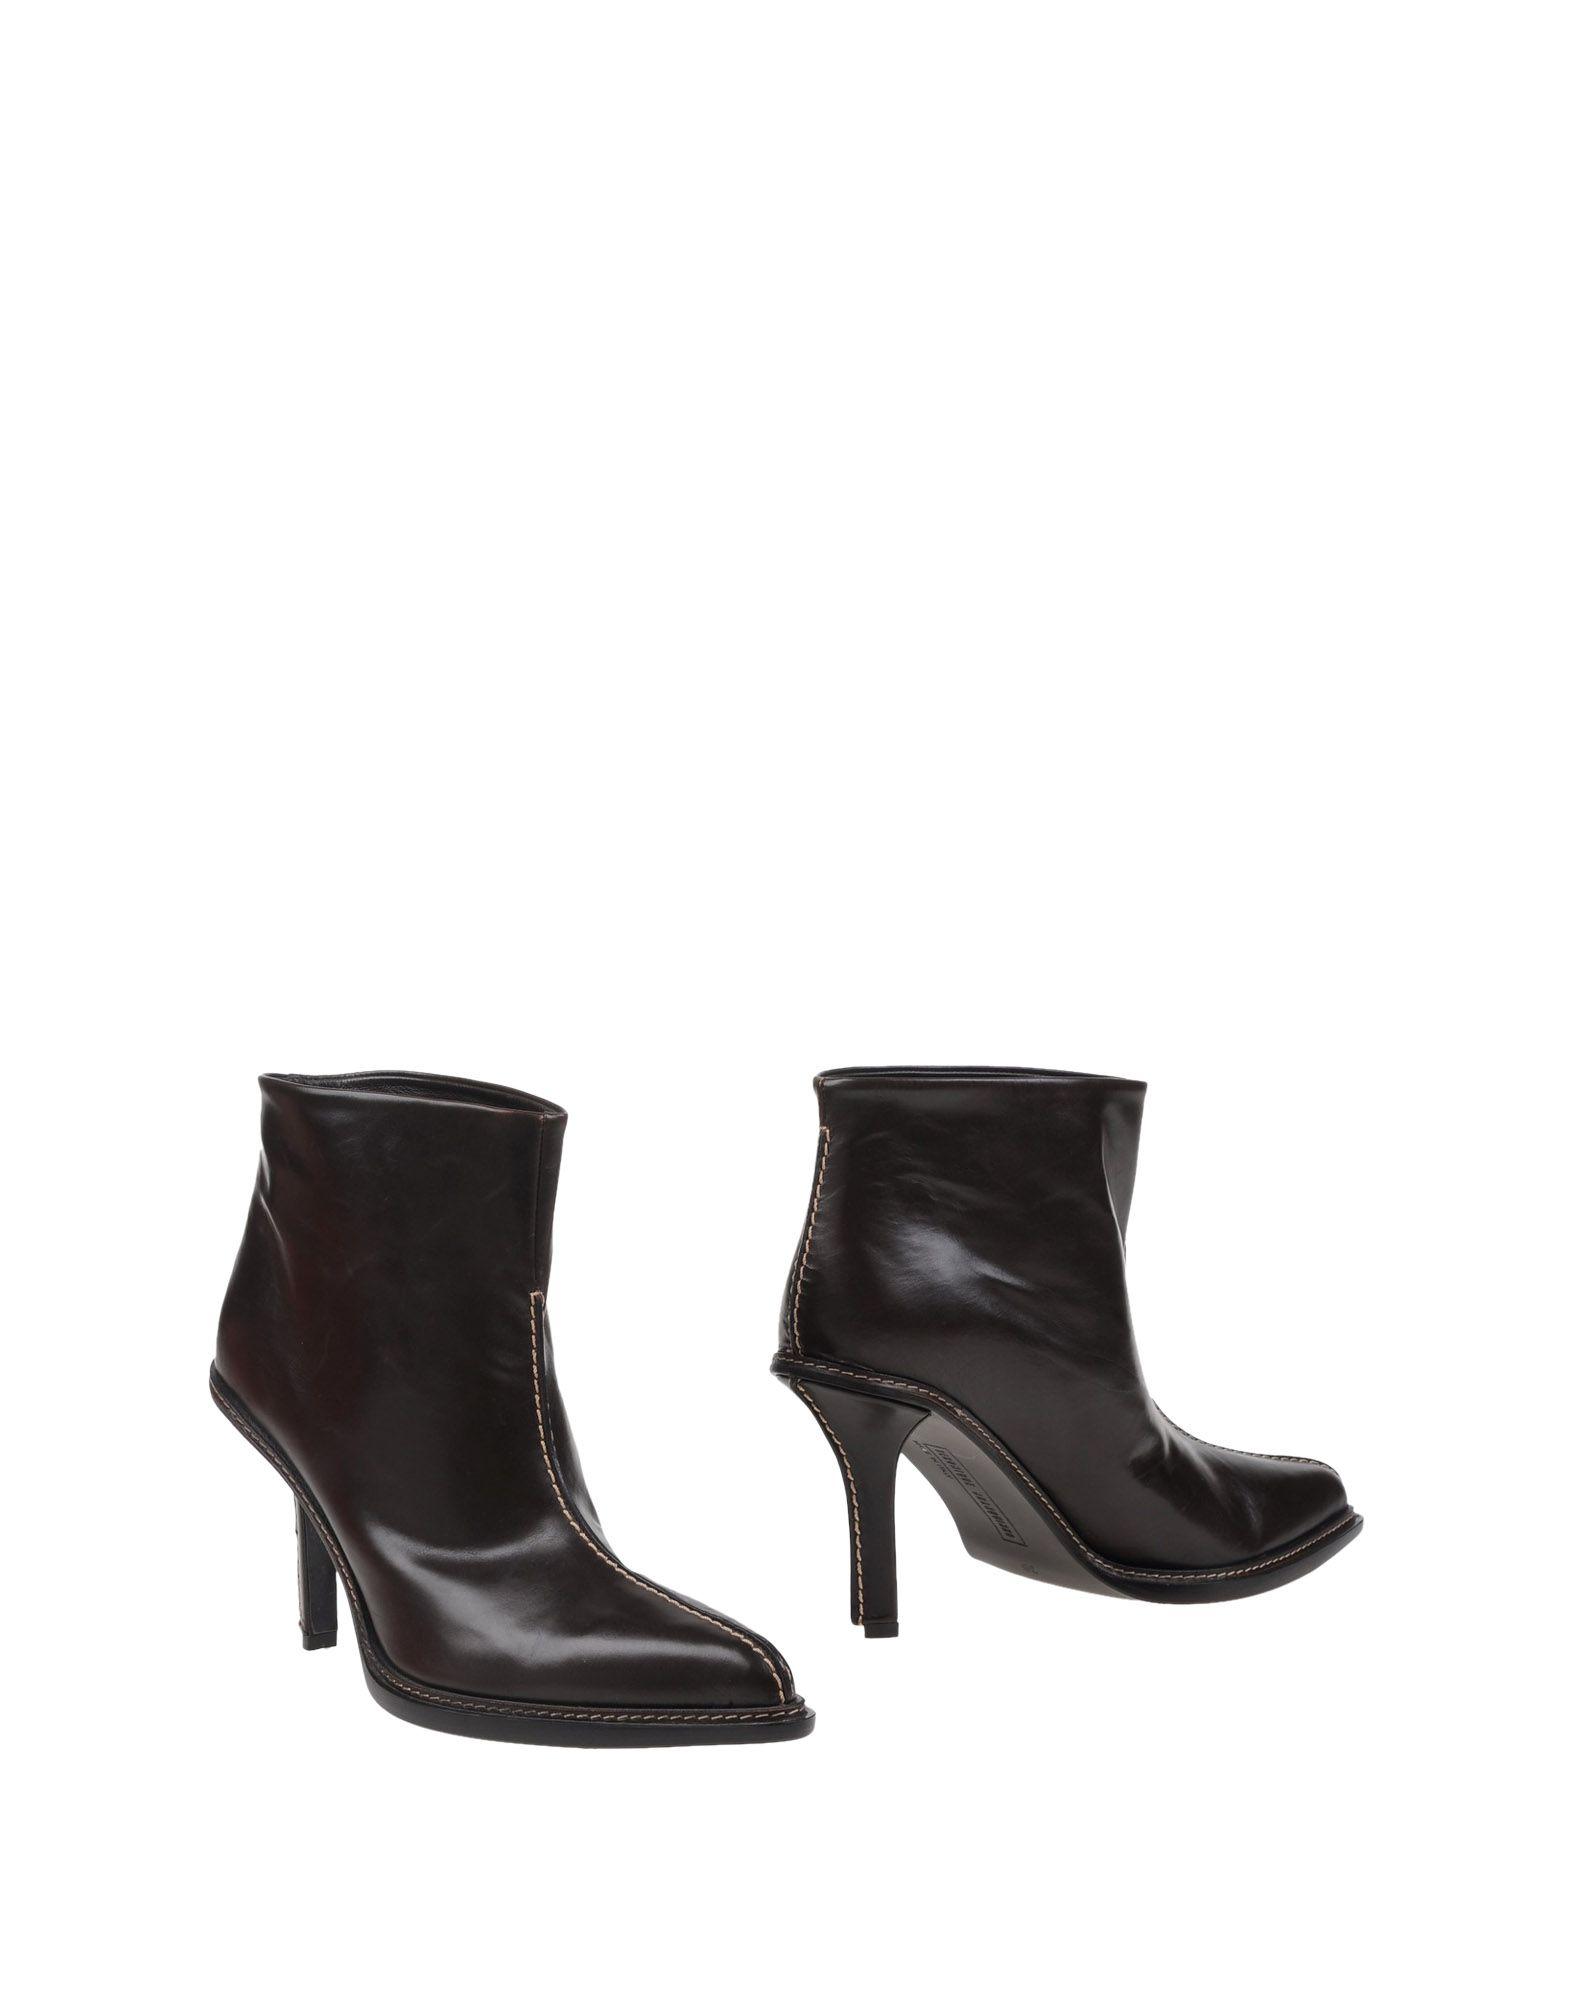 VERONIQUE BRANQUINHO Полусапоги и высокие ботинки veronique branquinho полусапоги и высокие ботинки page 9